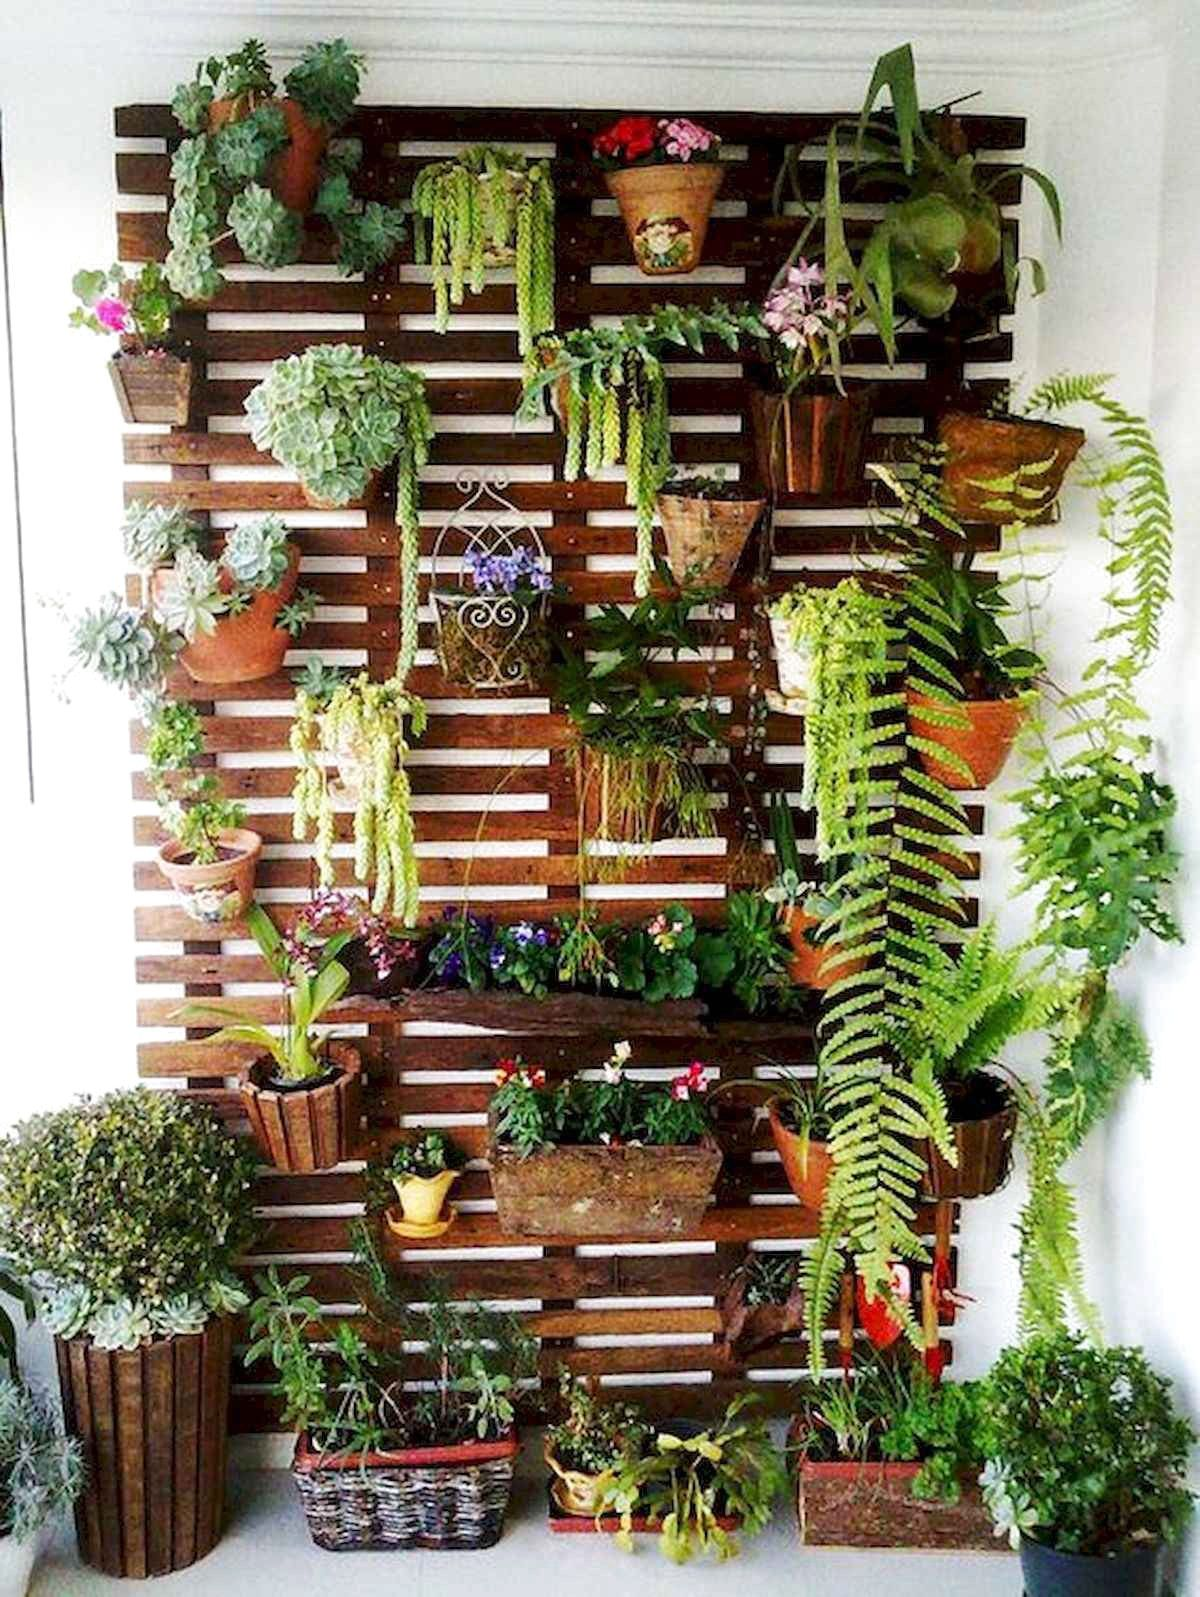 Inspiring Diy Projects Pallet Garden Design Ideas Frugal Living Vertical Garden Diy Small Patio Garden Vertical Garden Design